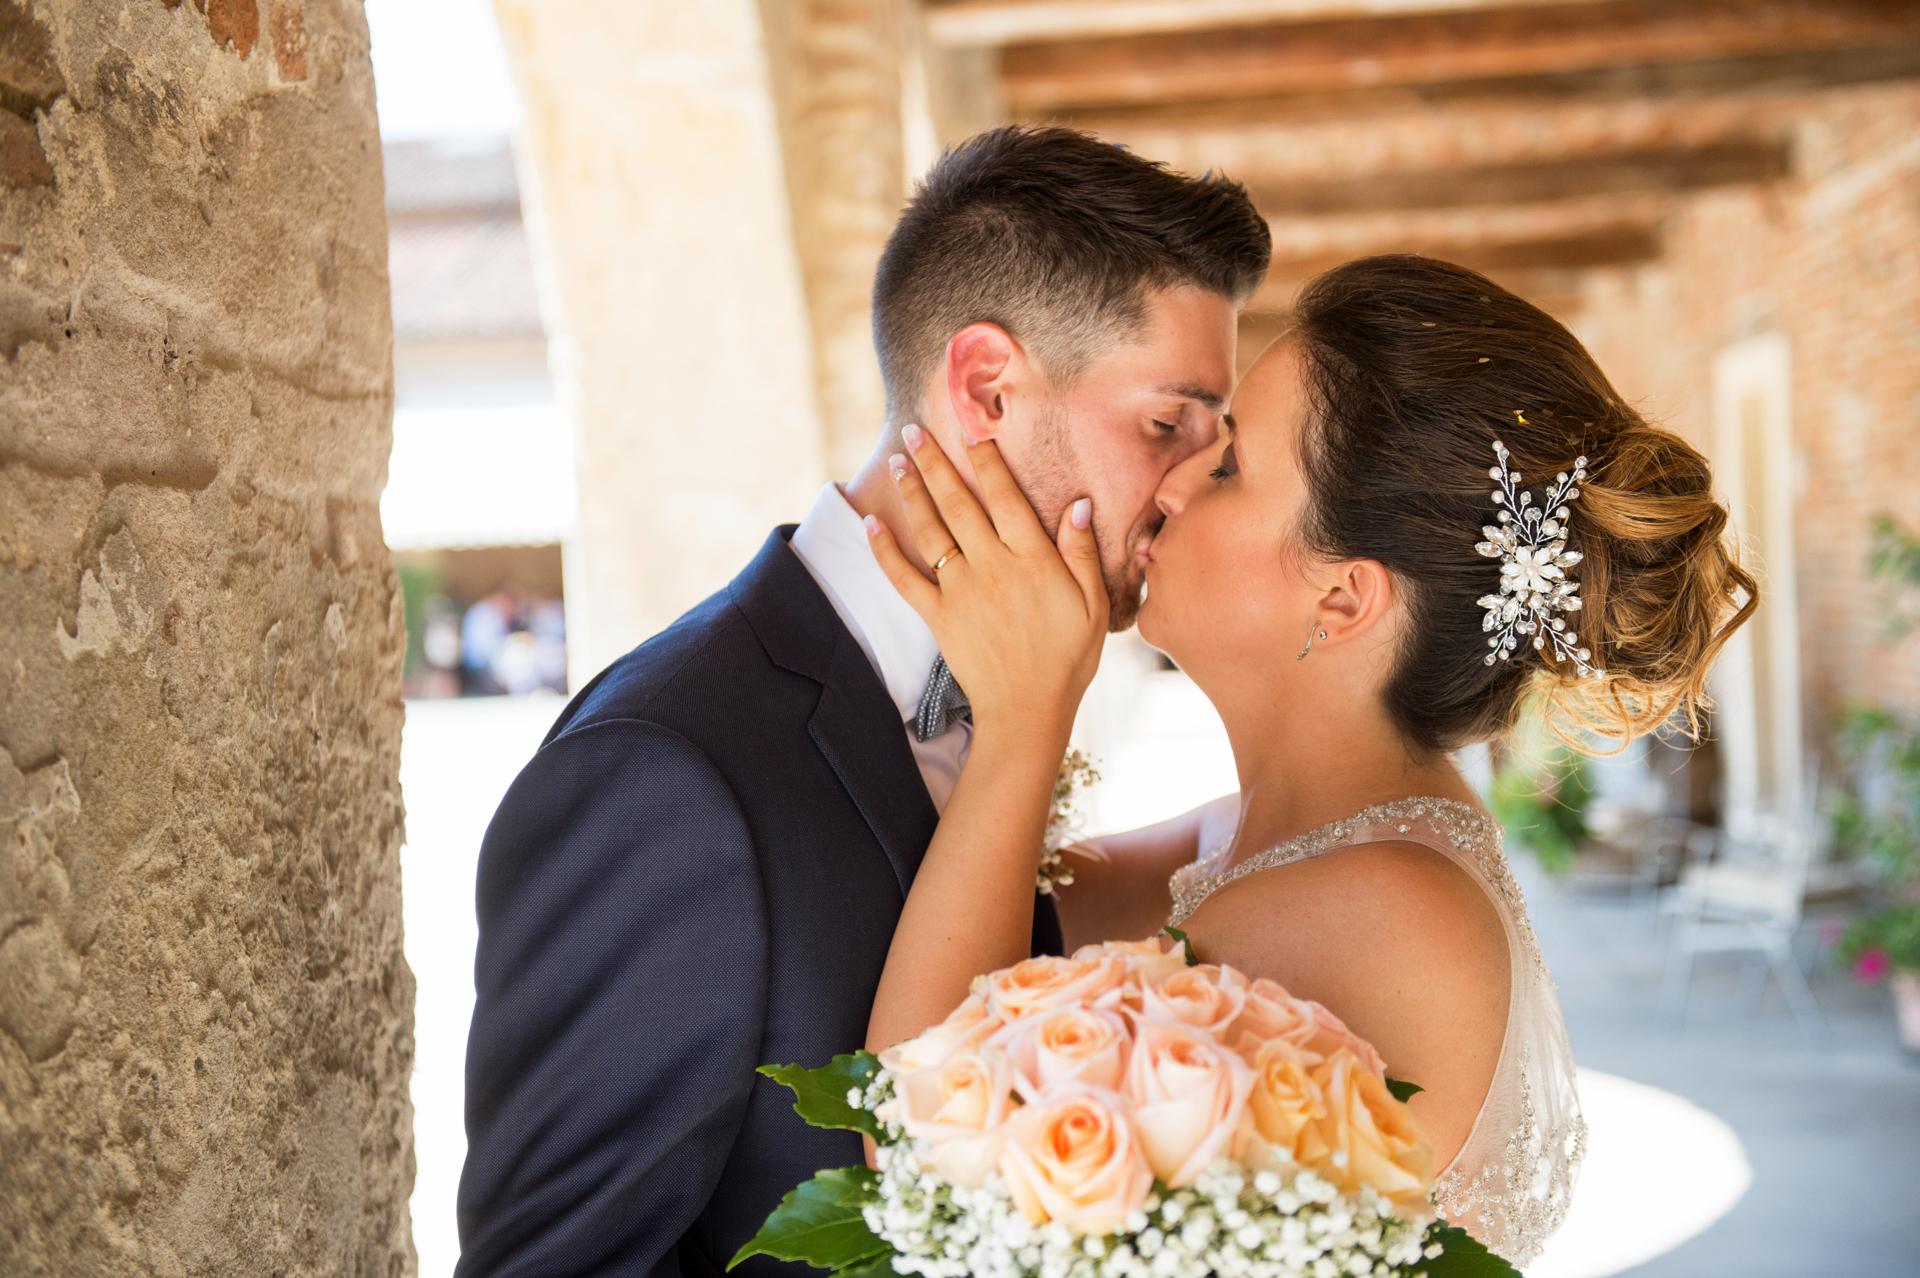 fotografo-matrimonio-parma-8.JPG